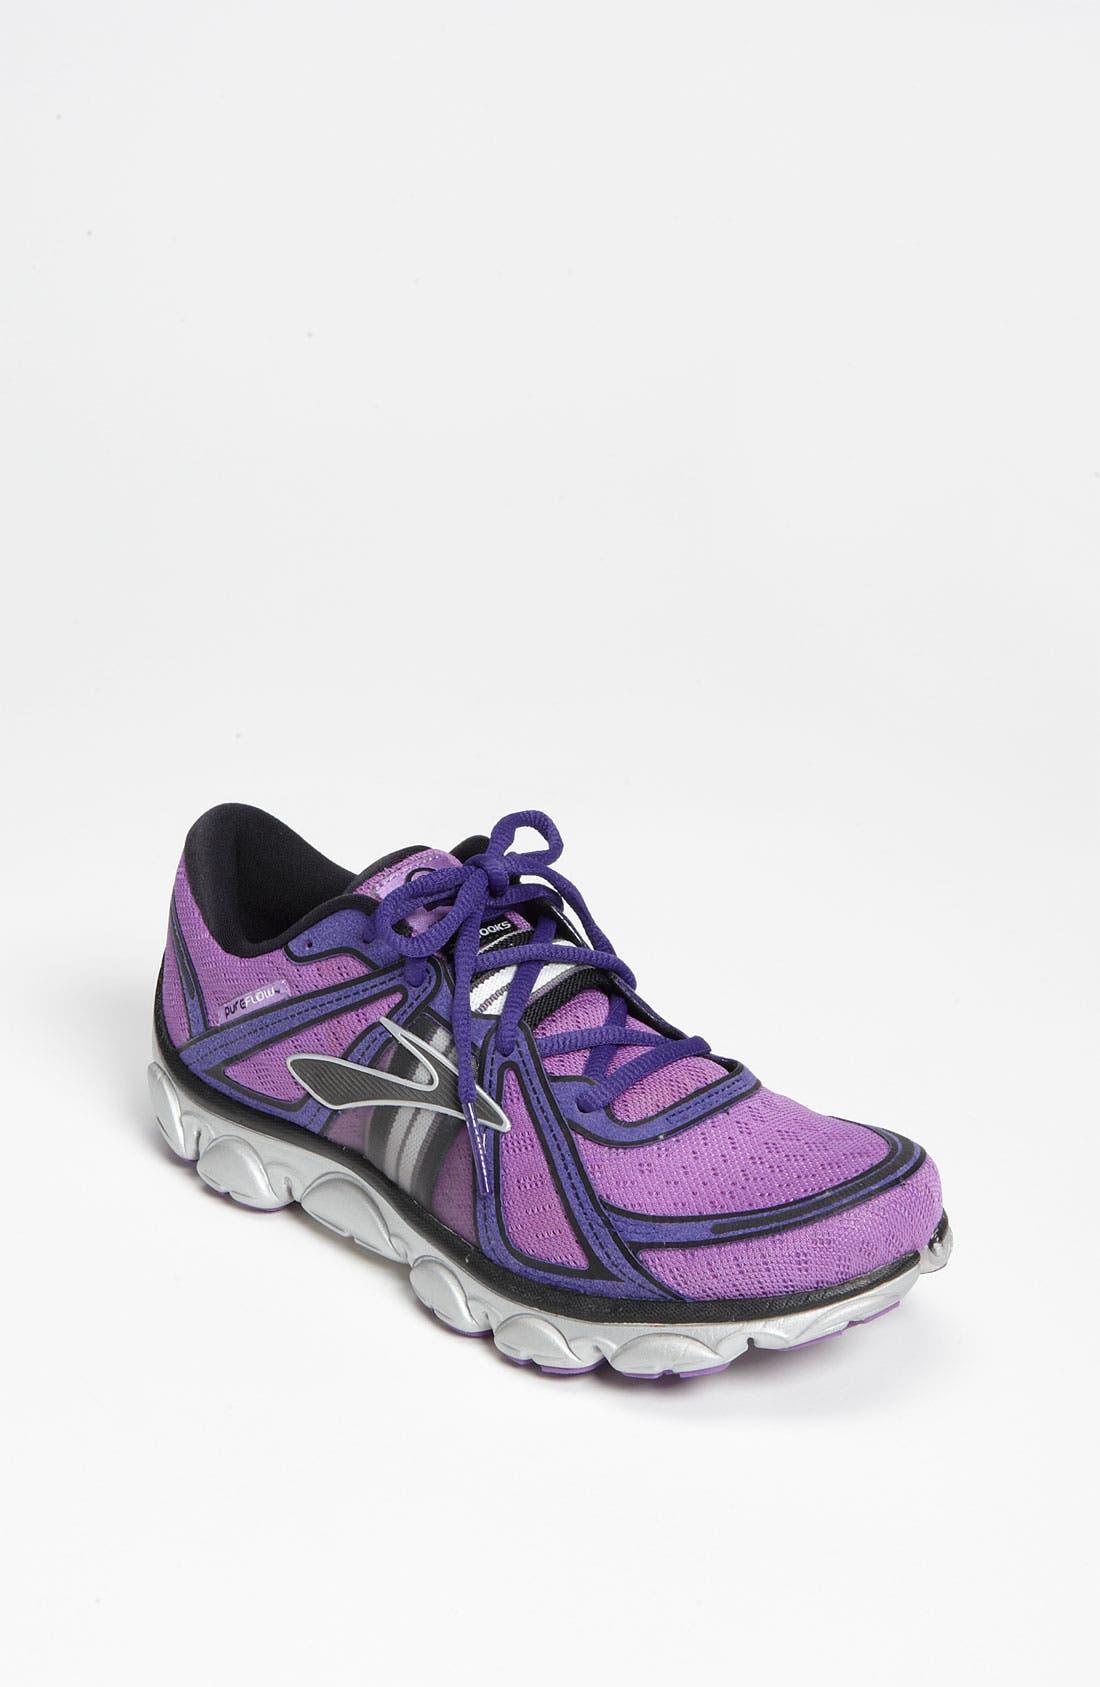 Alternate Image 1 Selected - Brooks 'PureFlow' Running Shoe (Women) (Regular Retail Price: $89.95)